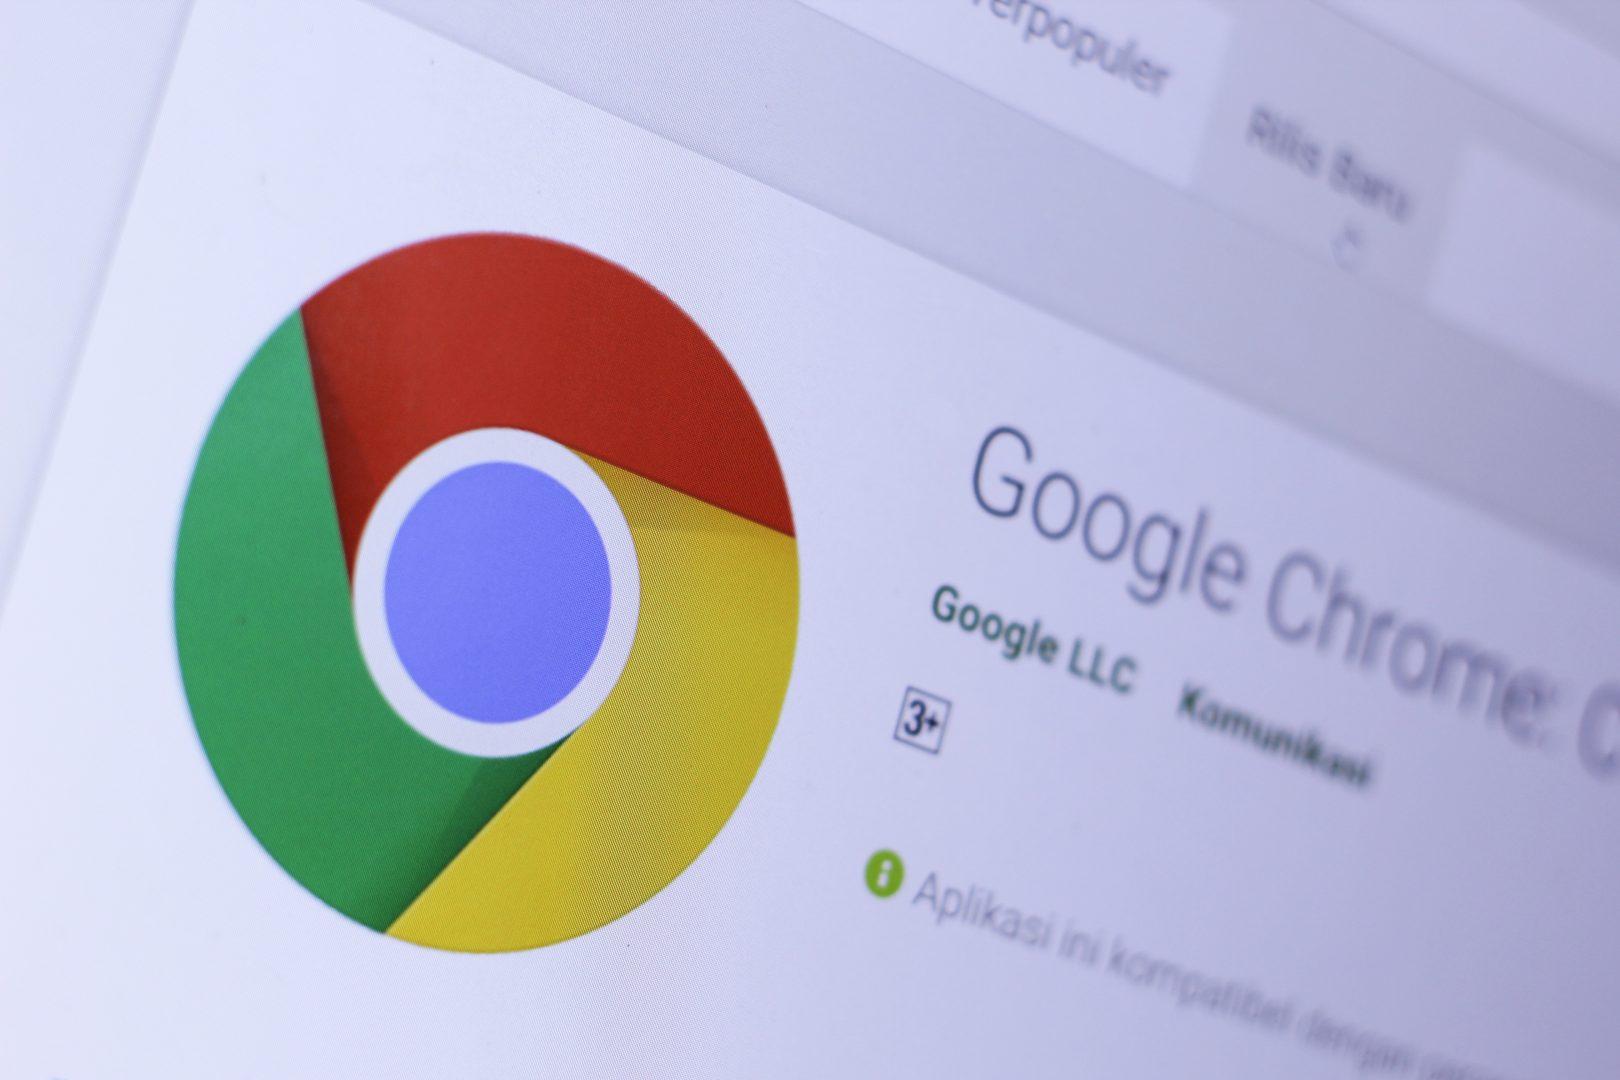 Cum poți controla Google Chrome tastând comenzi direct în bara de adrese